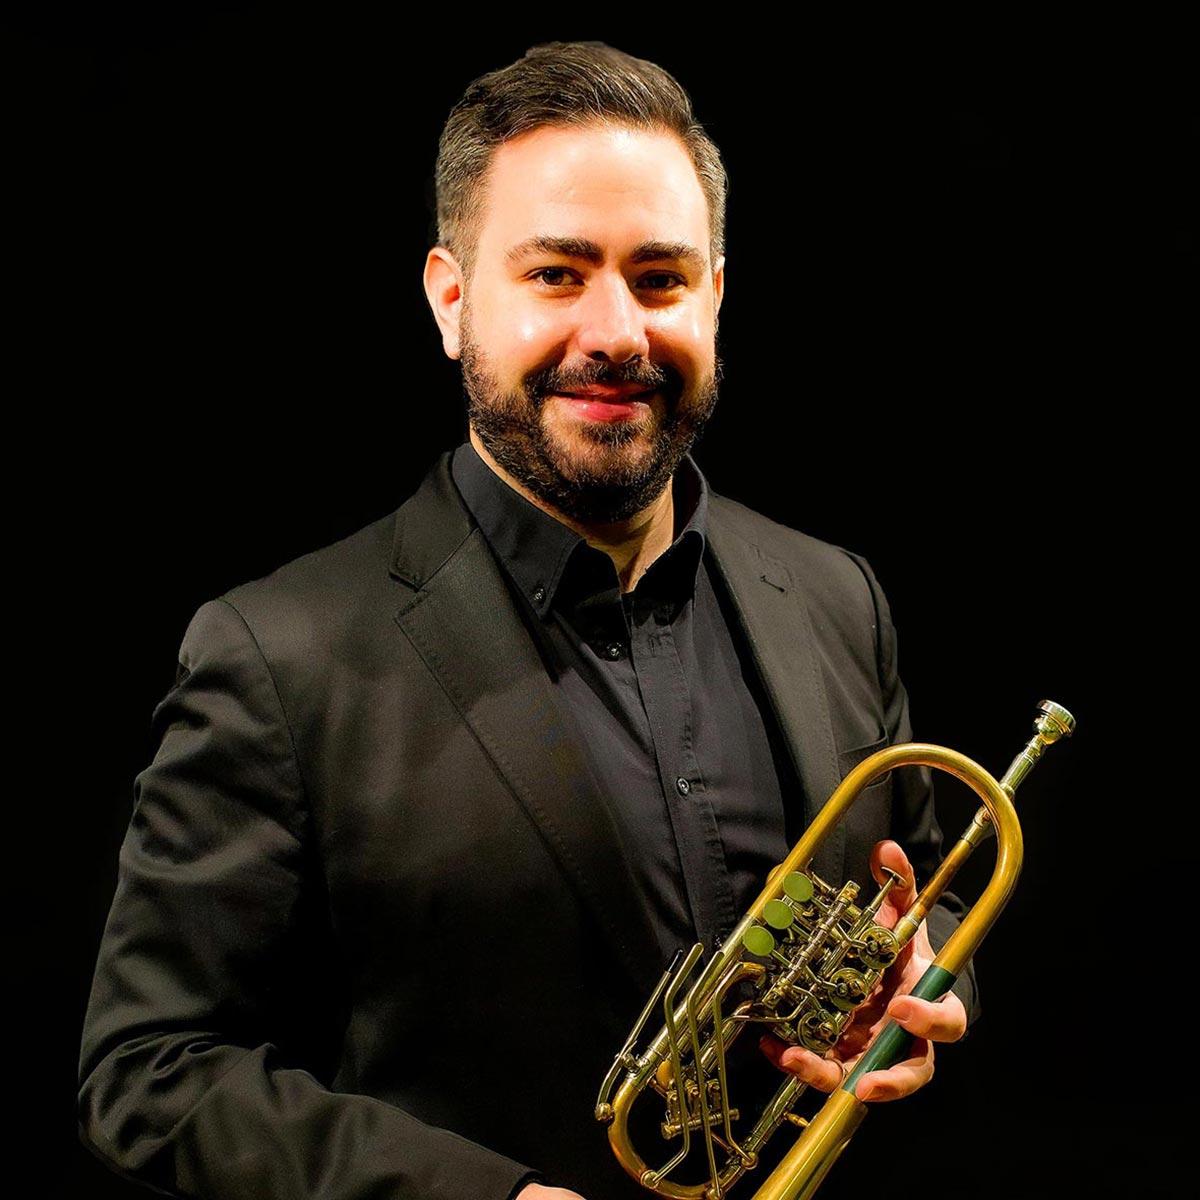 Nicola Baratin